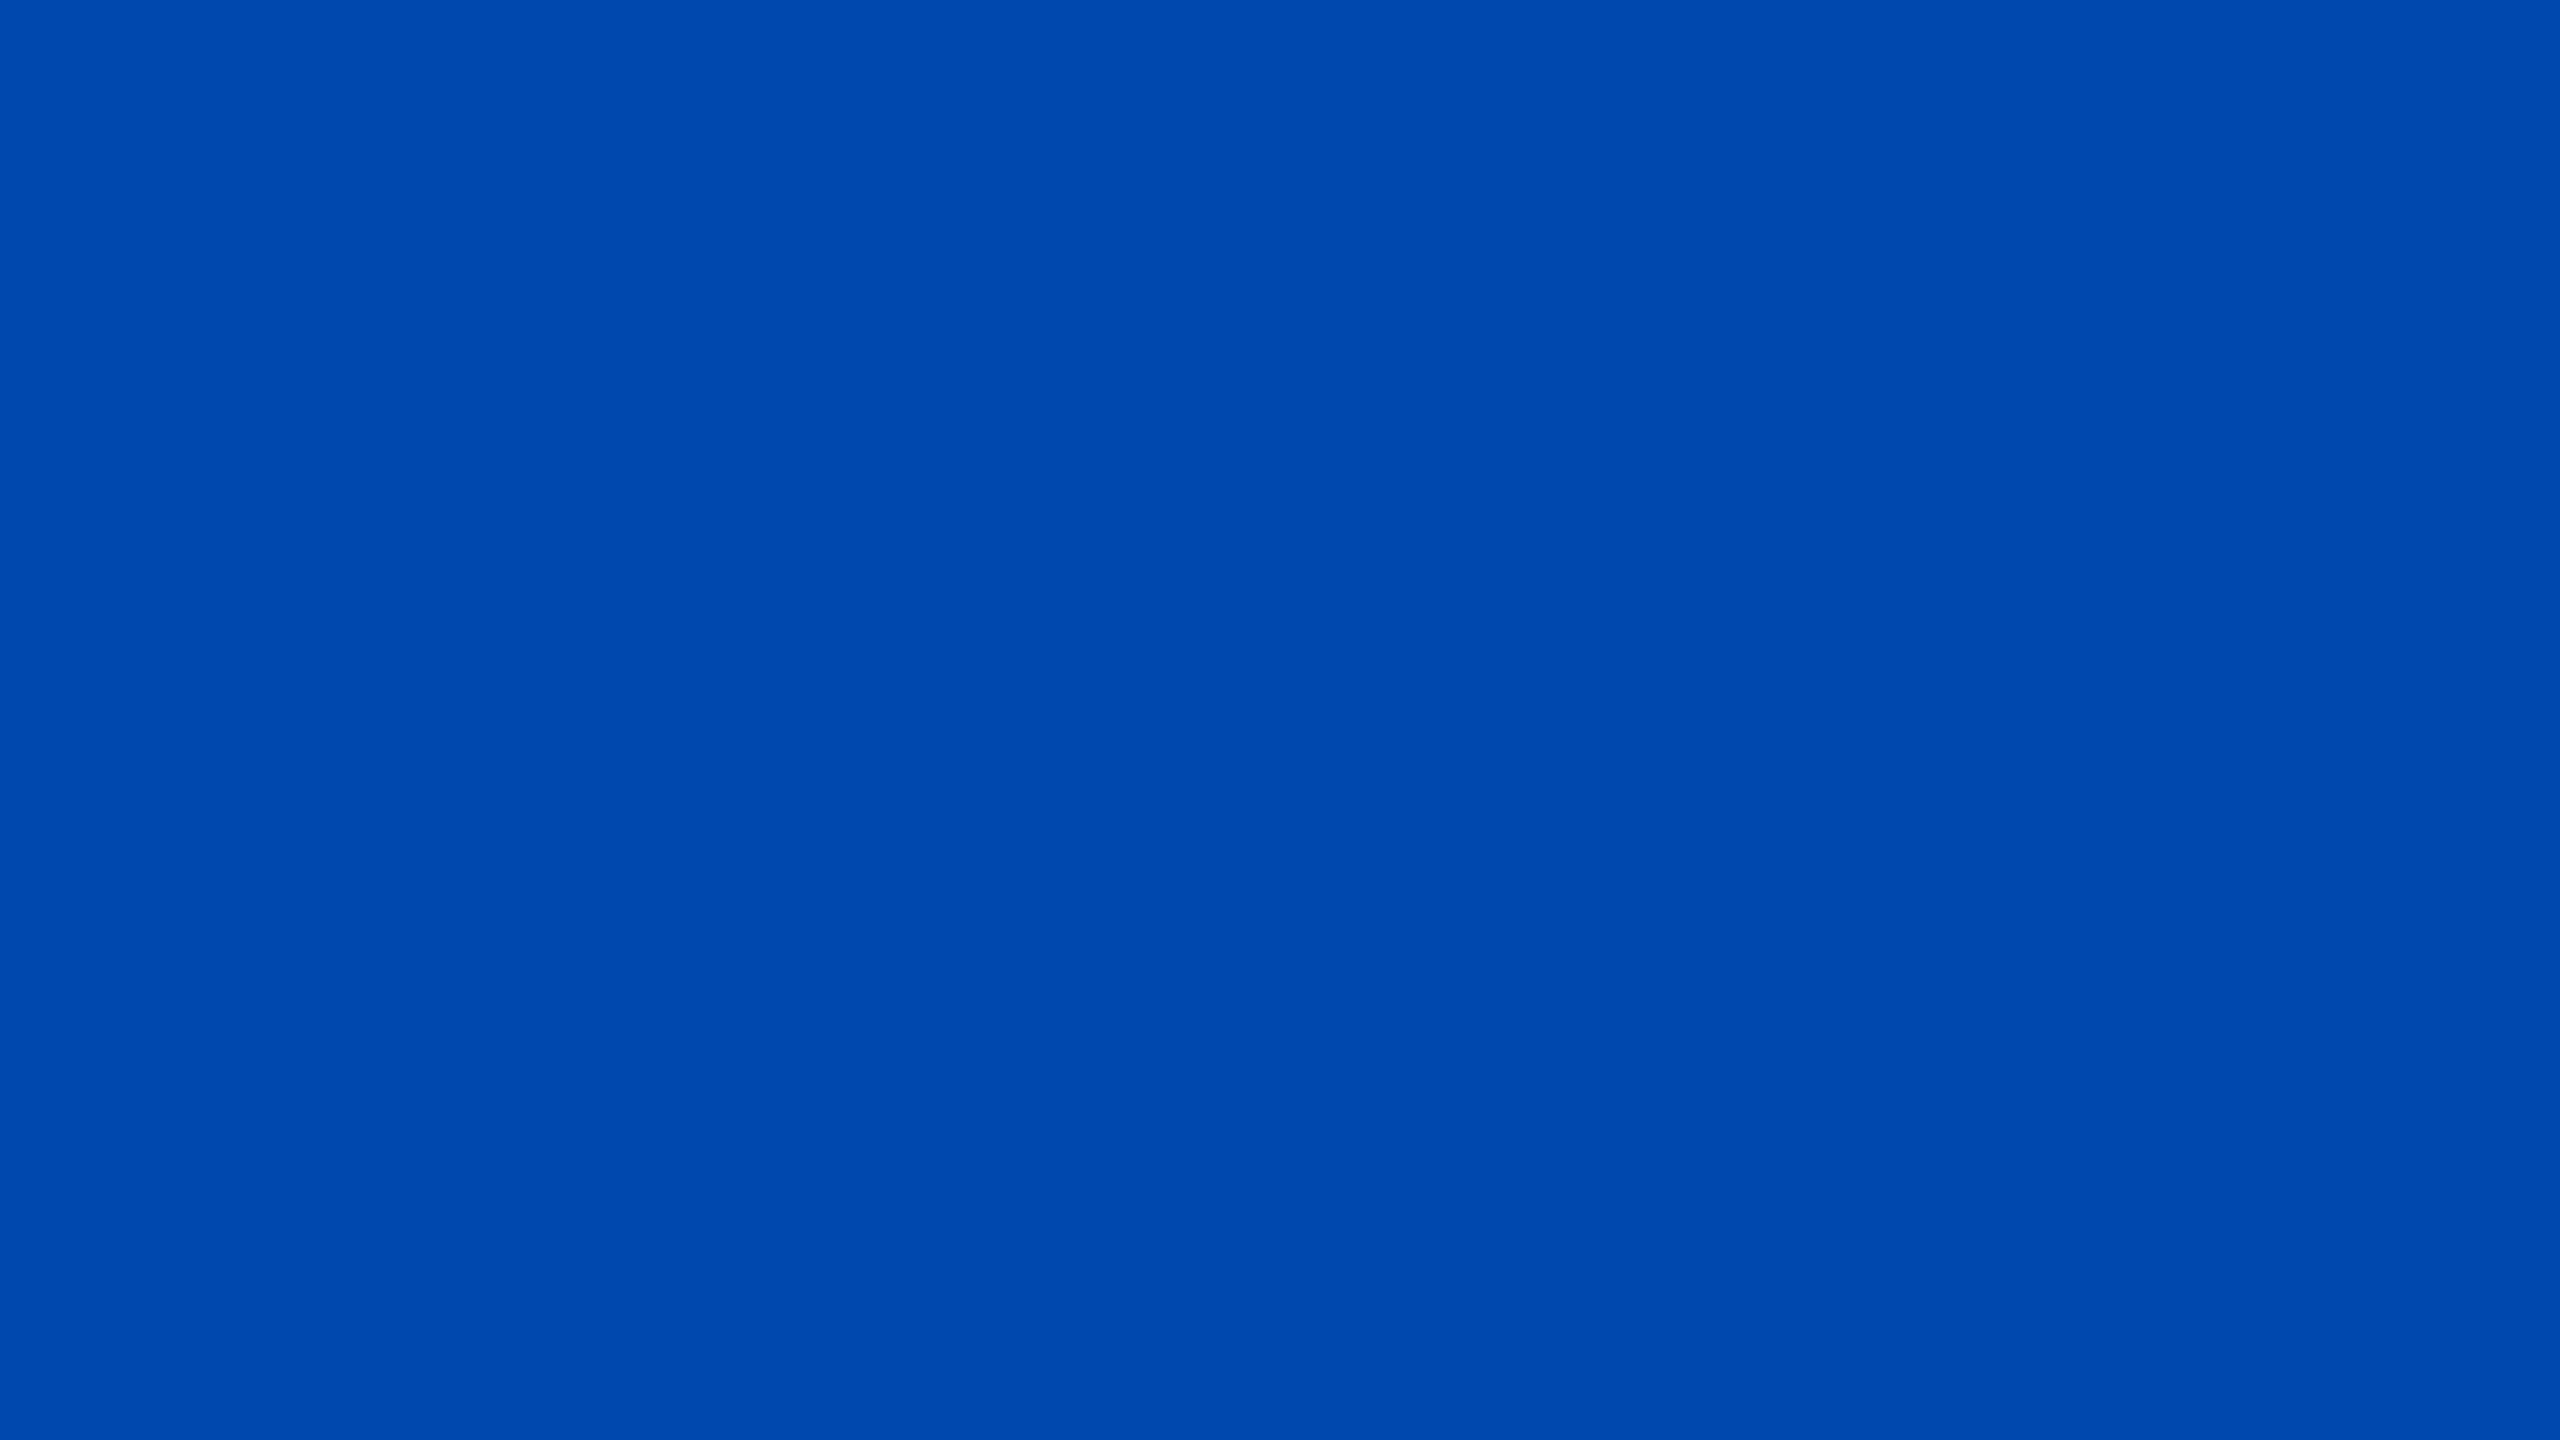 2560x1440 Cobalt Solid Color Background